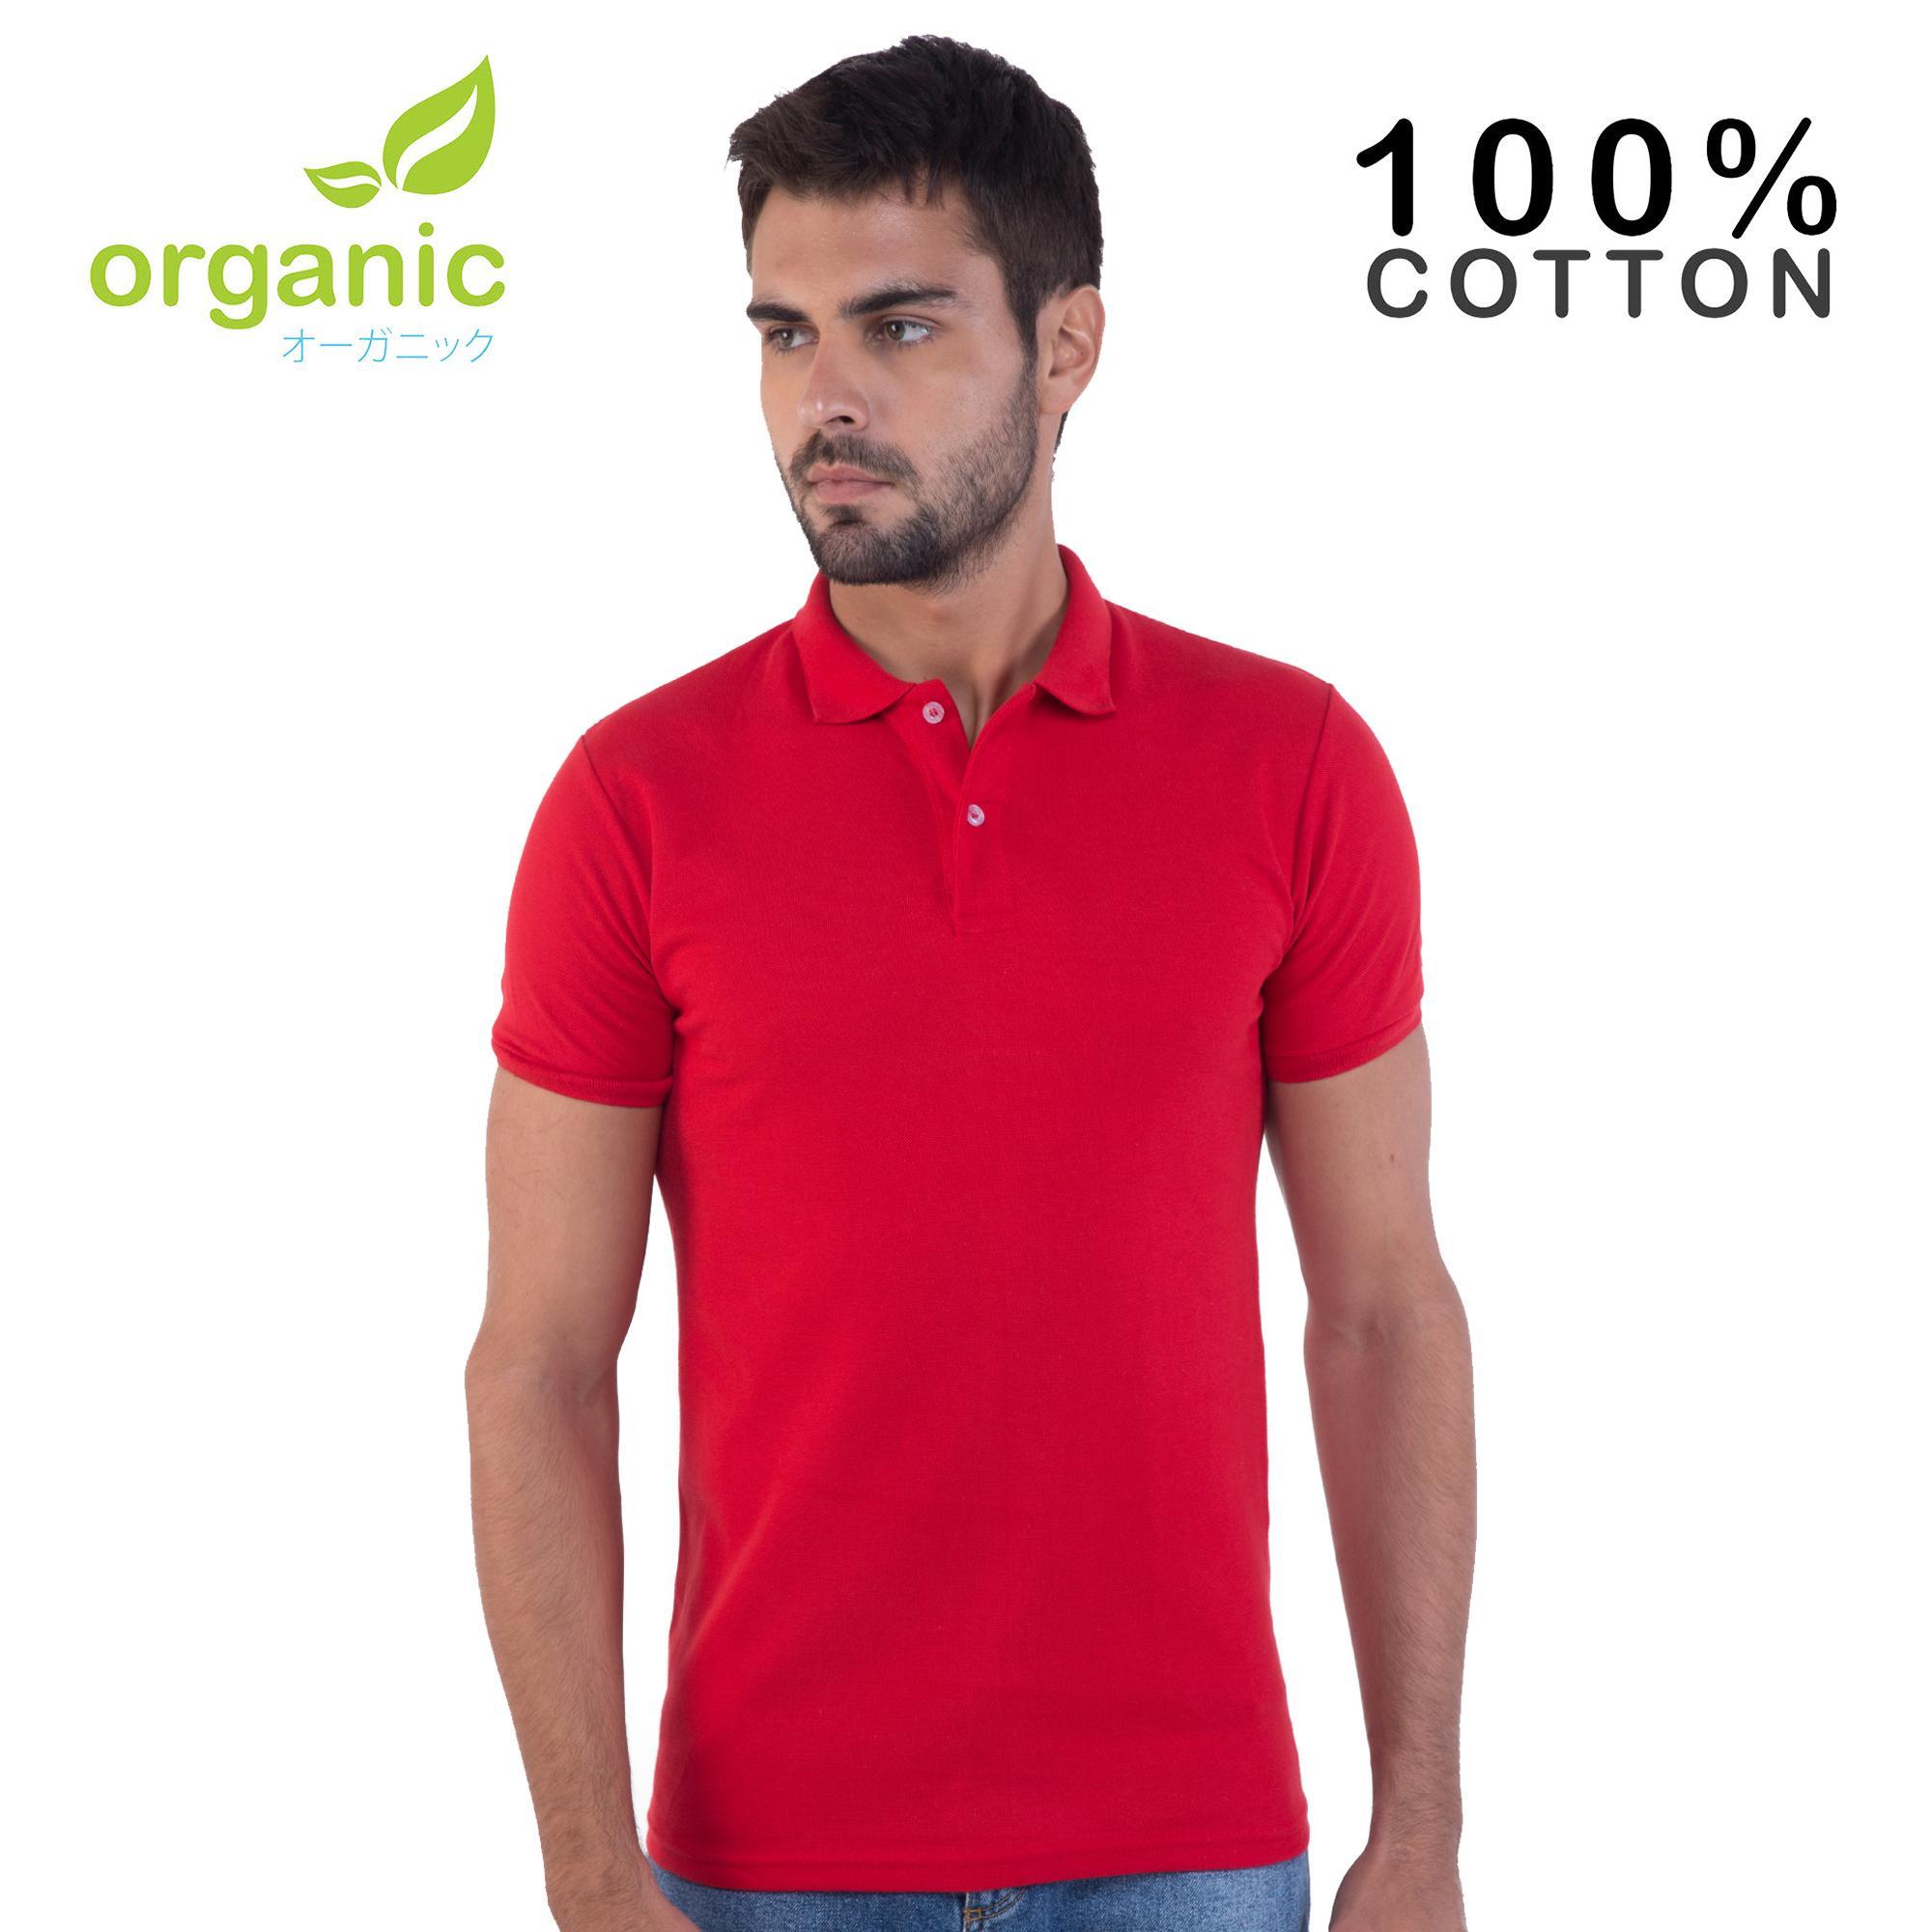 c955fa5a106 Organic Mens Pique Polo Shirt Tees t shirt tshirt shirts tshirts tee tops  top for men